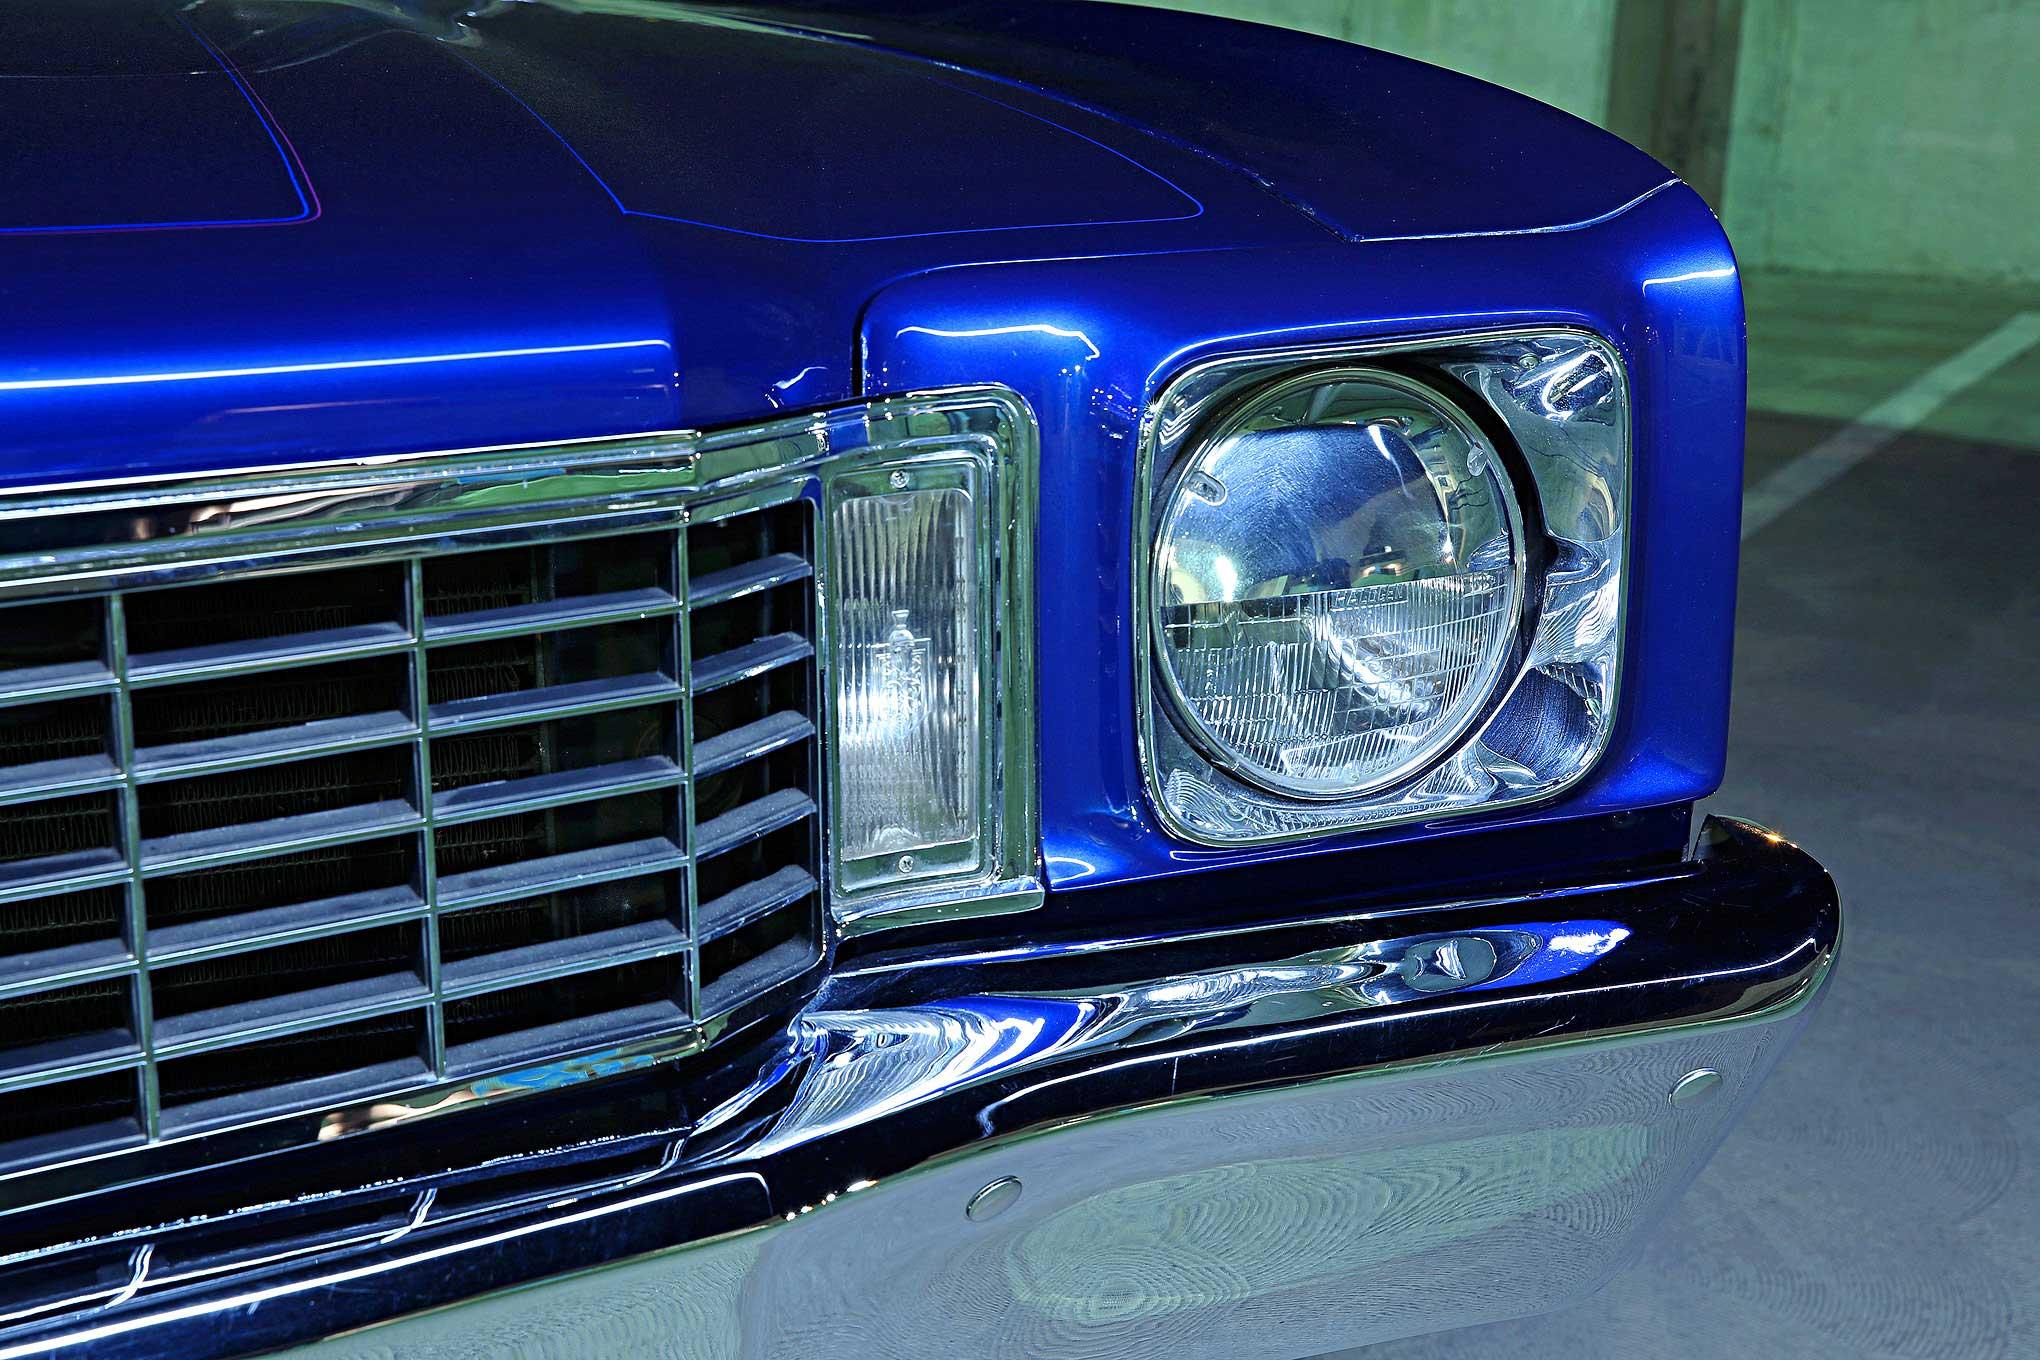 Chevrolet Monte Carlo Headlight Grill